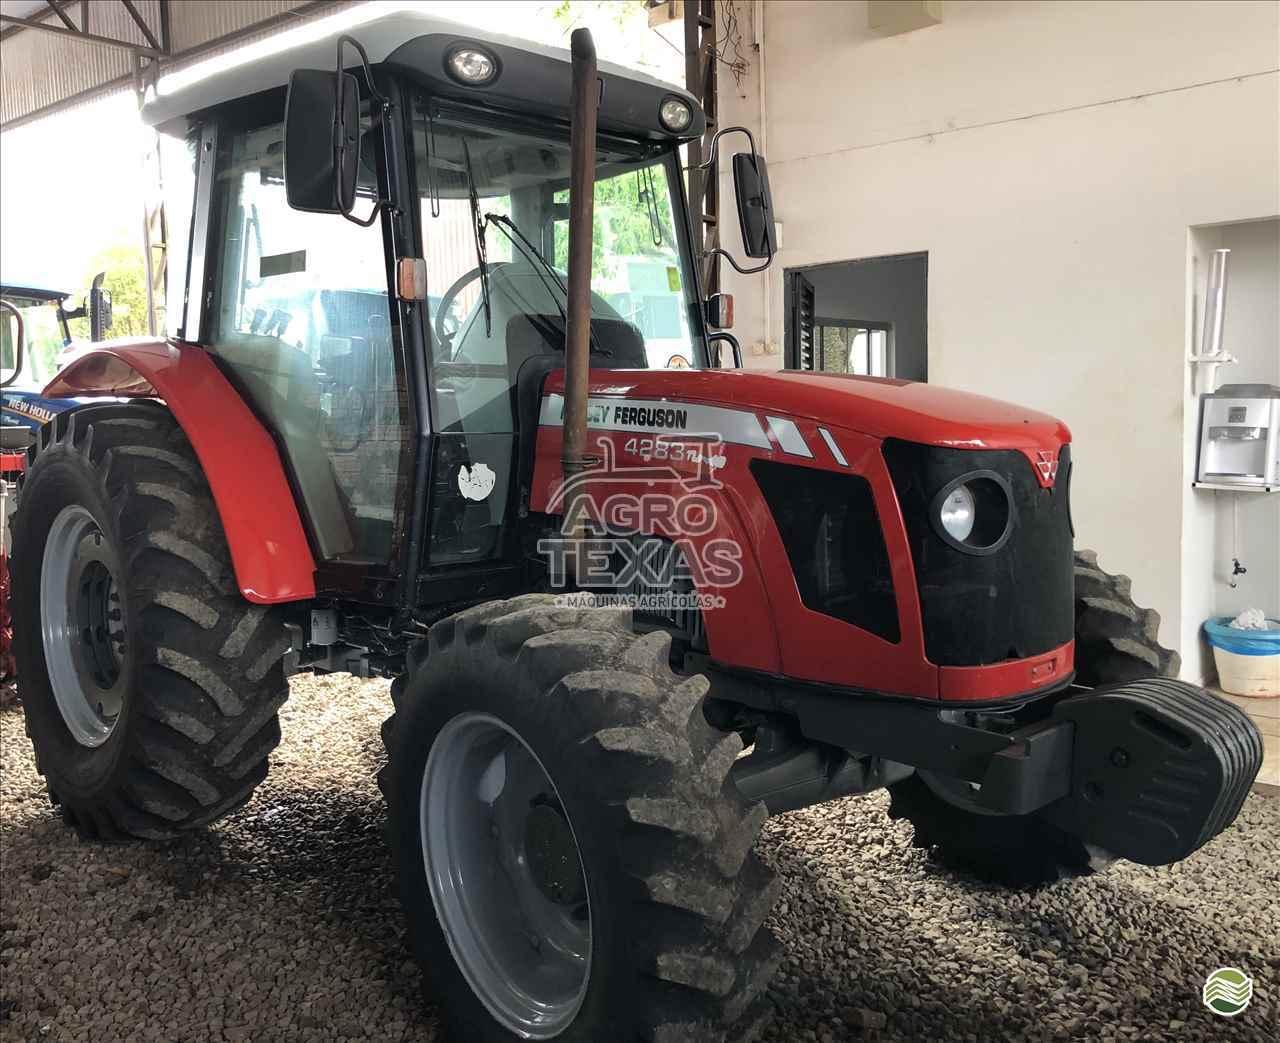 TRATOR MASSEY FERGUSON MF 4283 Tração 4x4 Agro Texas Máquinas Agrícolas VITORINO PARANÁ PR